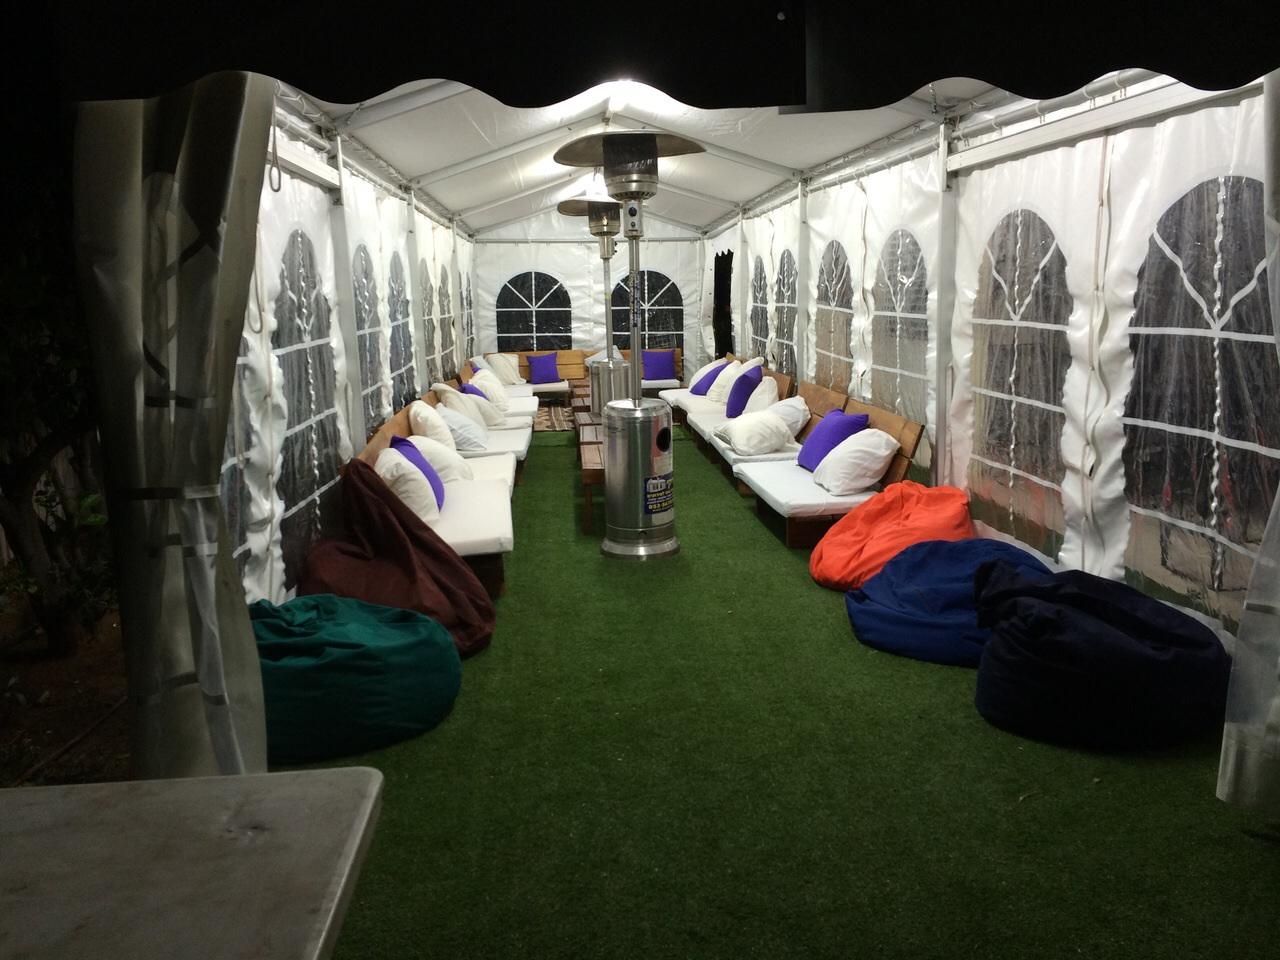 אוהל סגור בחצר בית רעננה